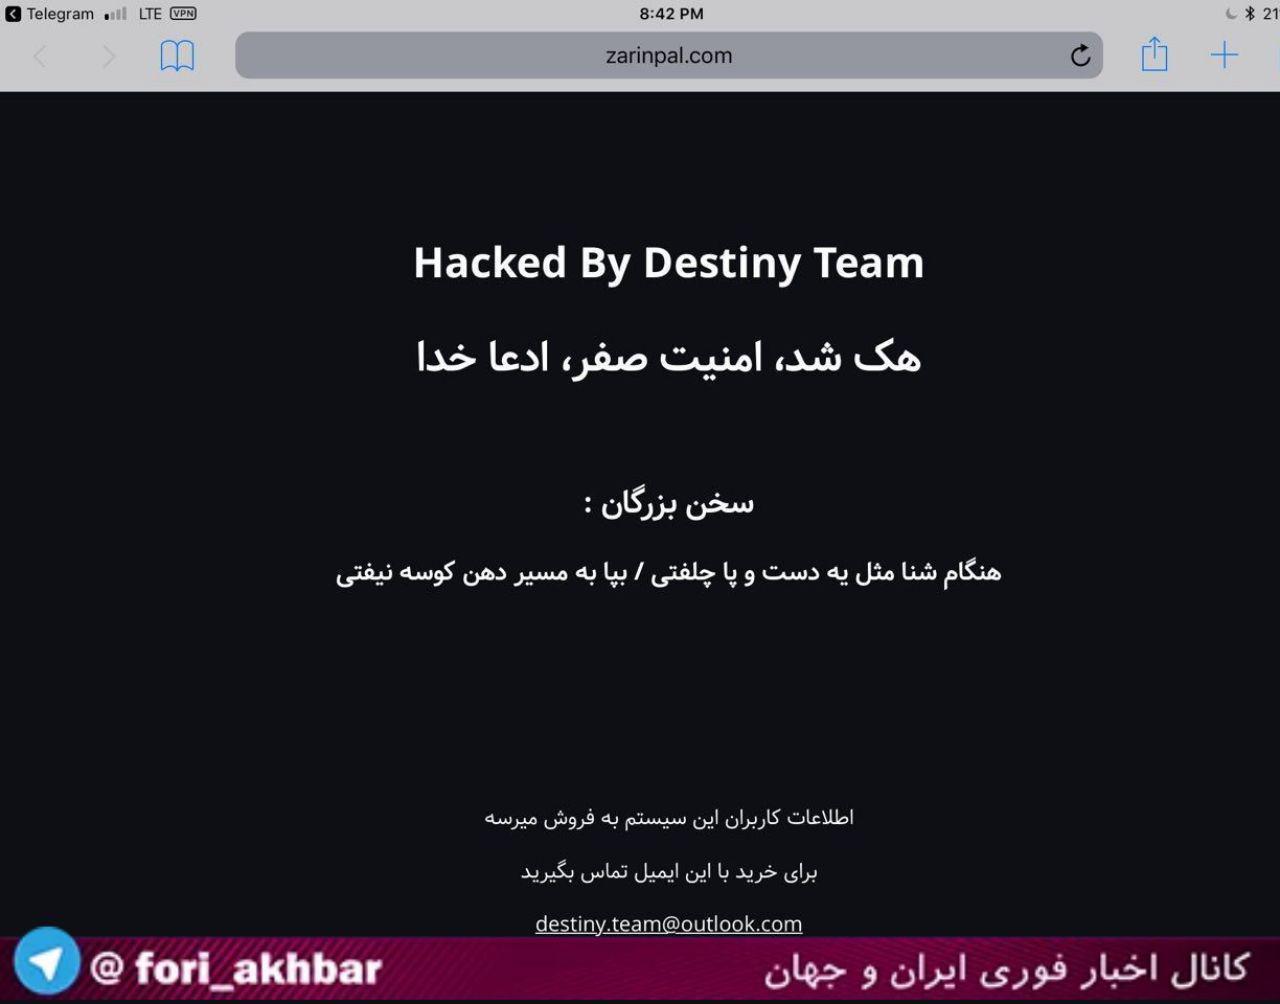 سایت زرین پال هک شد + فیلم - به شایعات باور نکنید